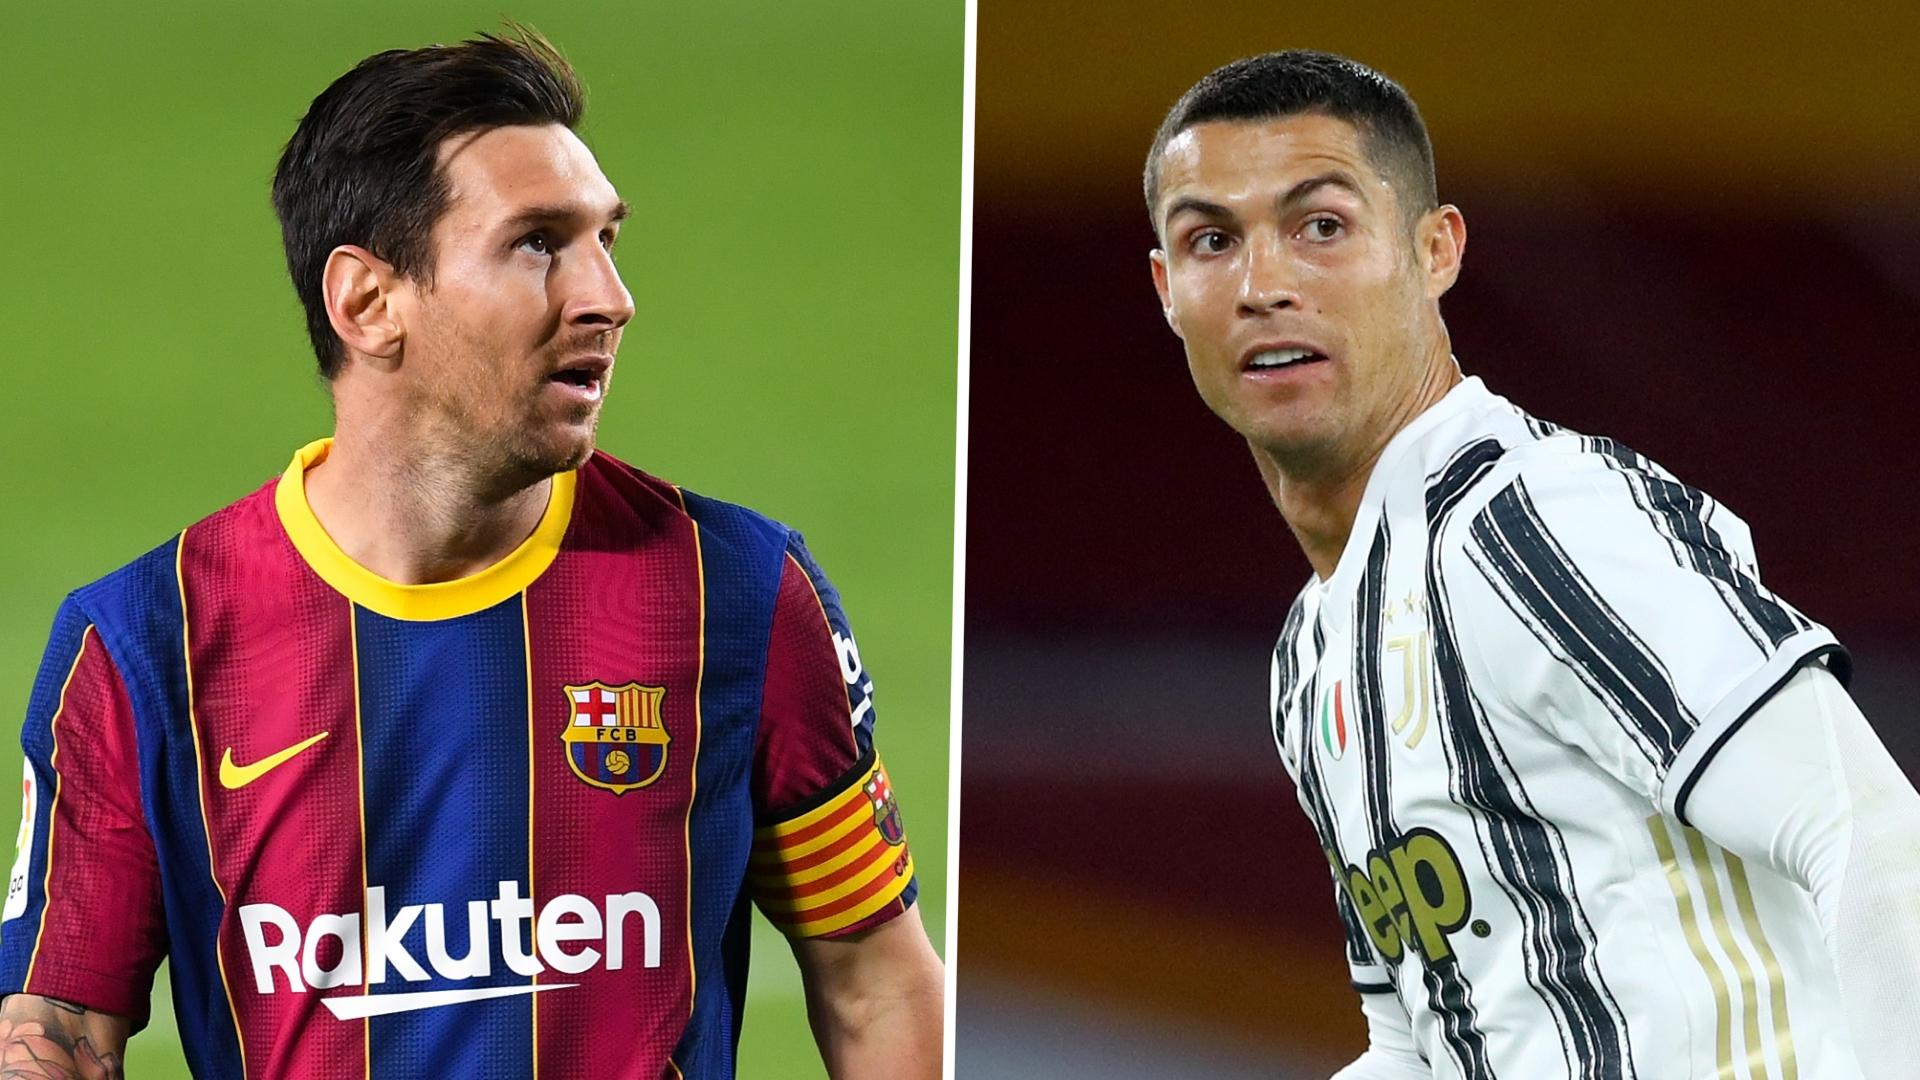 Ronaldo-Messi confrontation